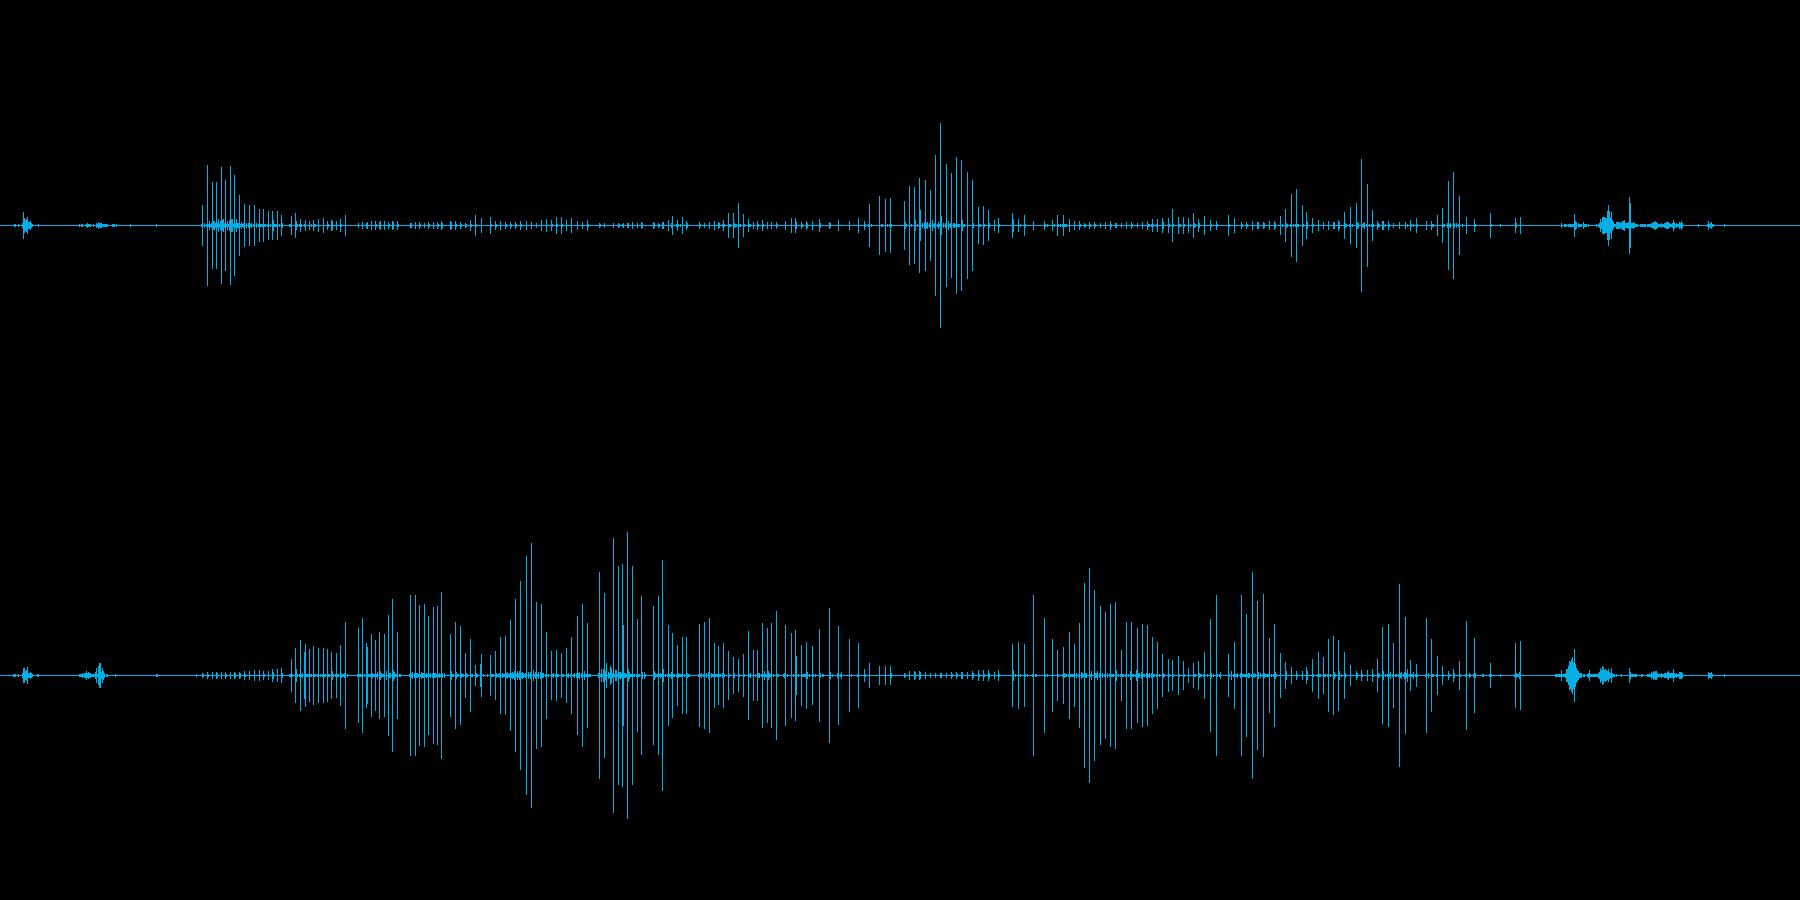 高音質バイノーラル録音 散髪の音の再生済みの波形